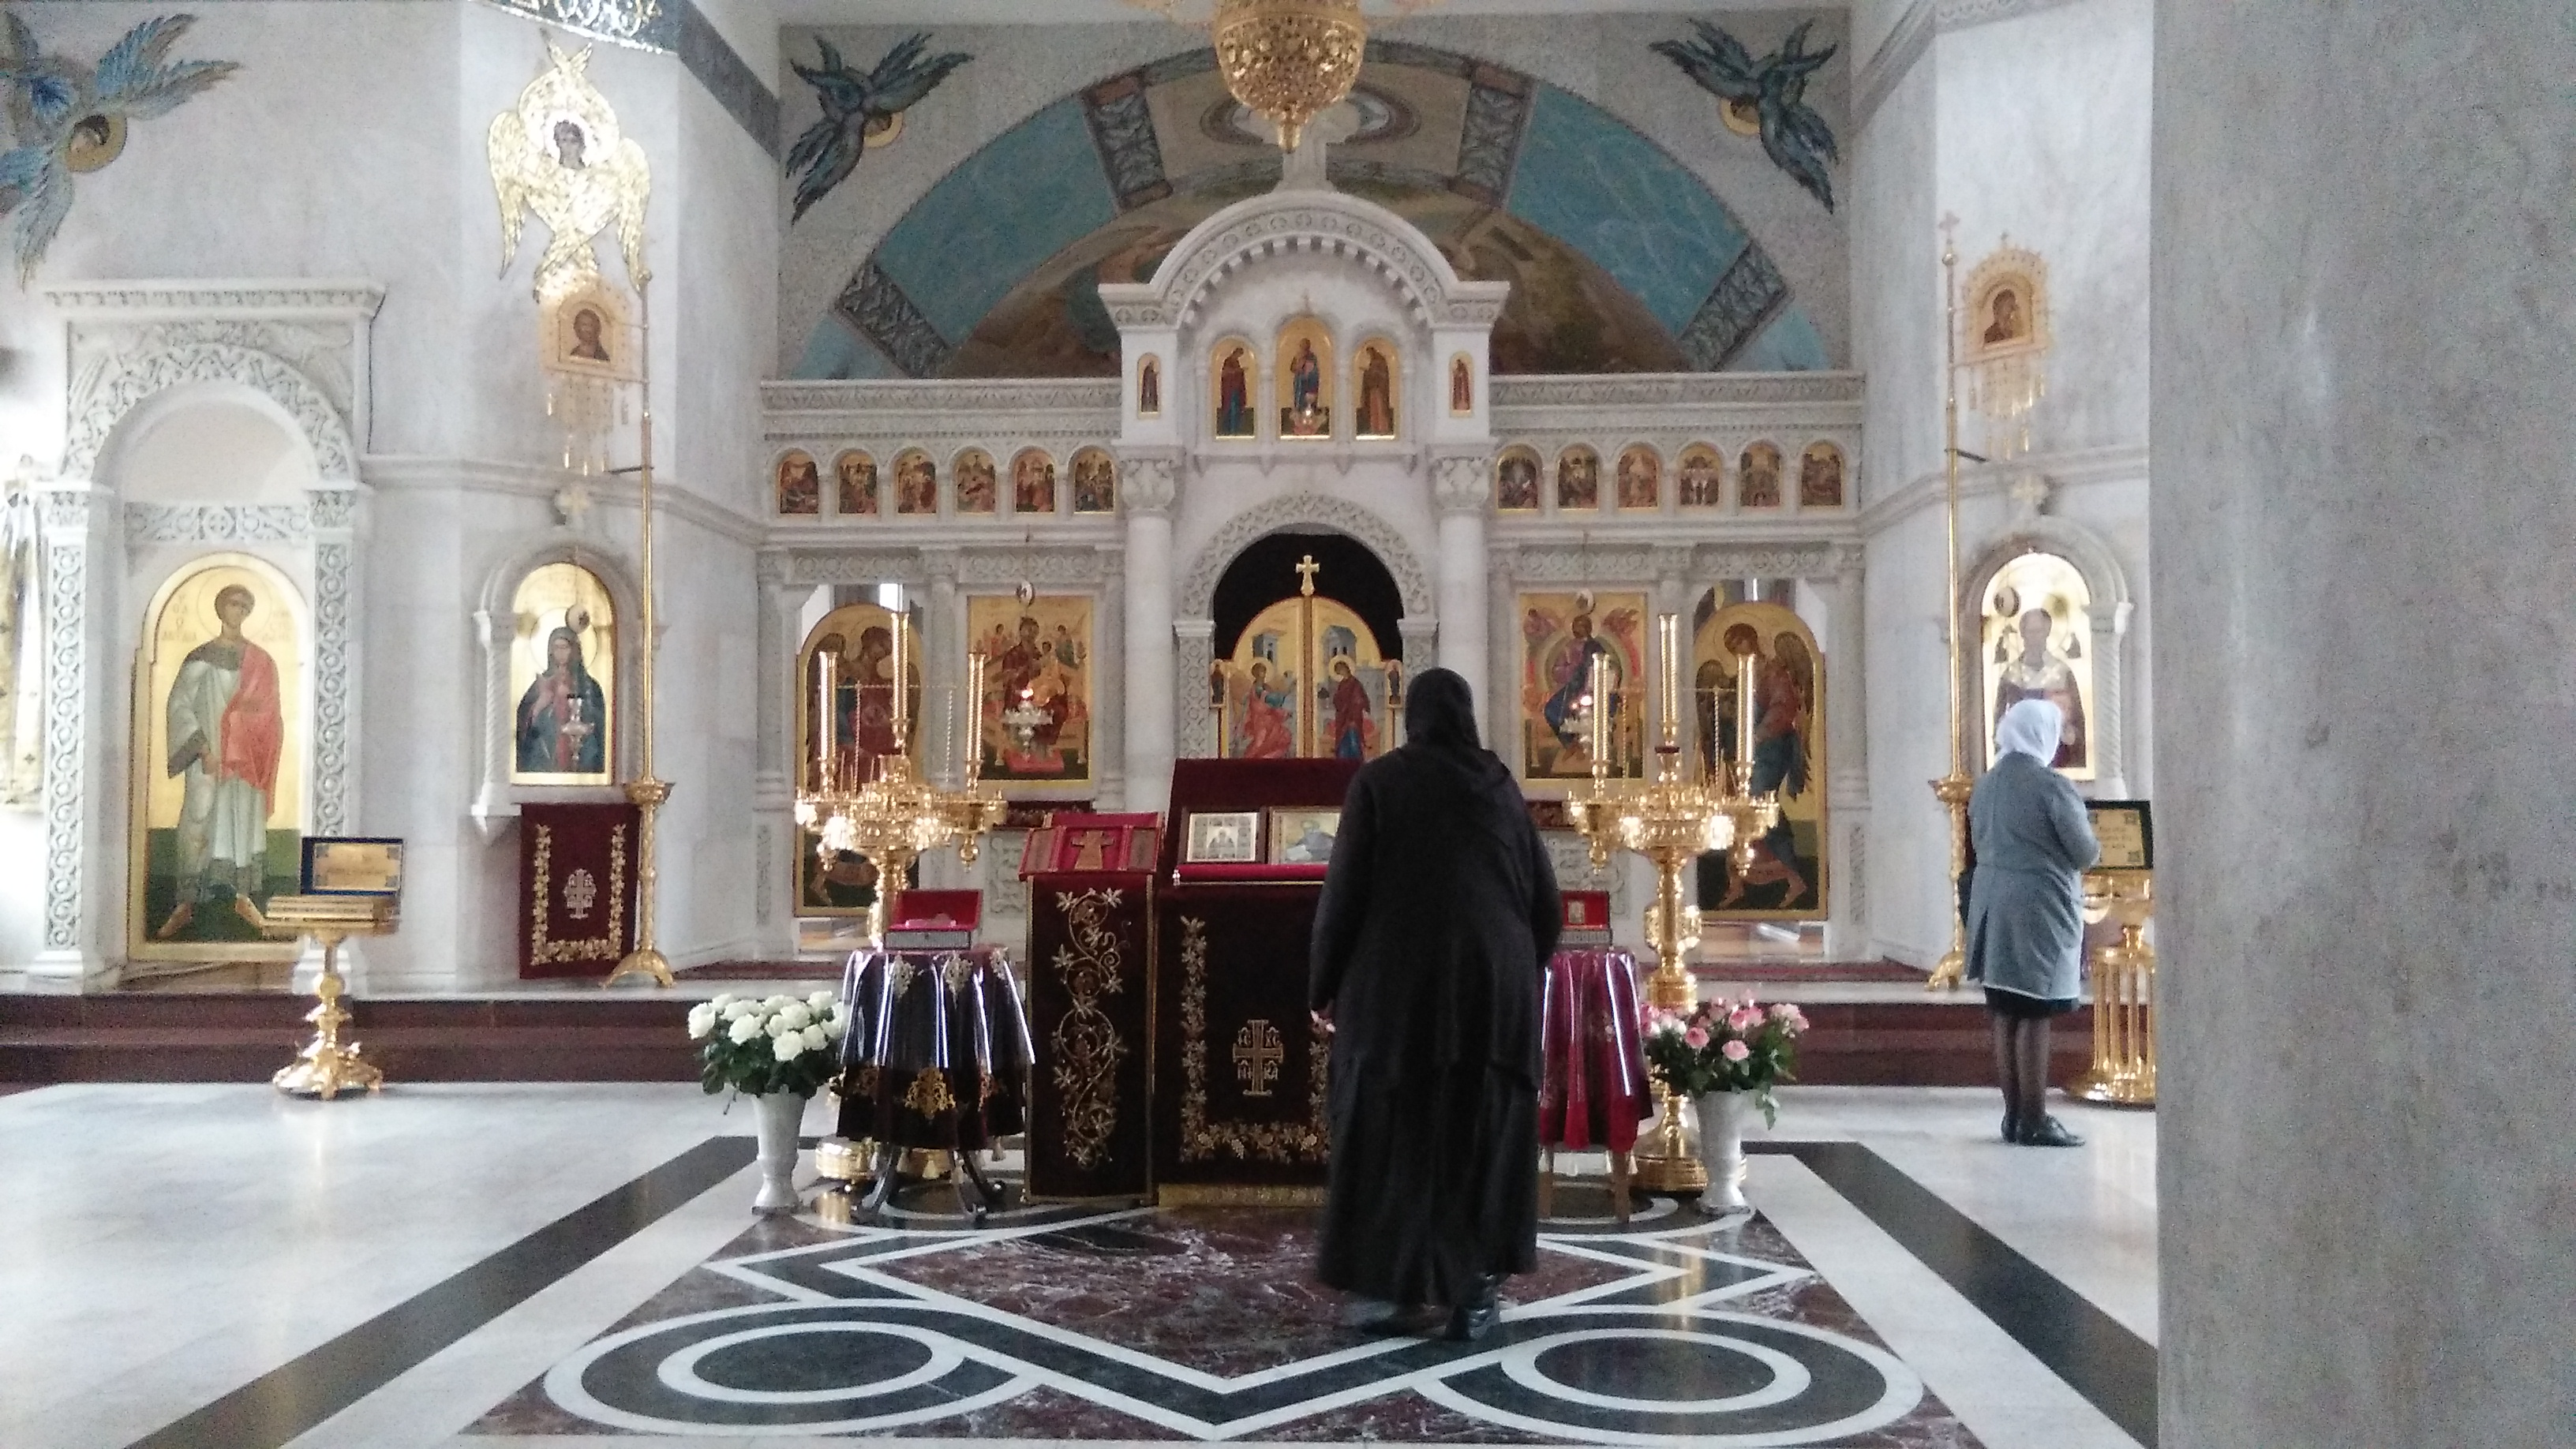 Monastery in Malojaroslawez